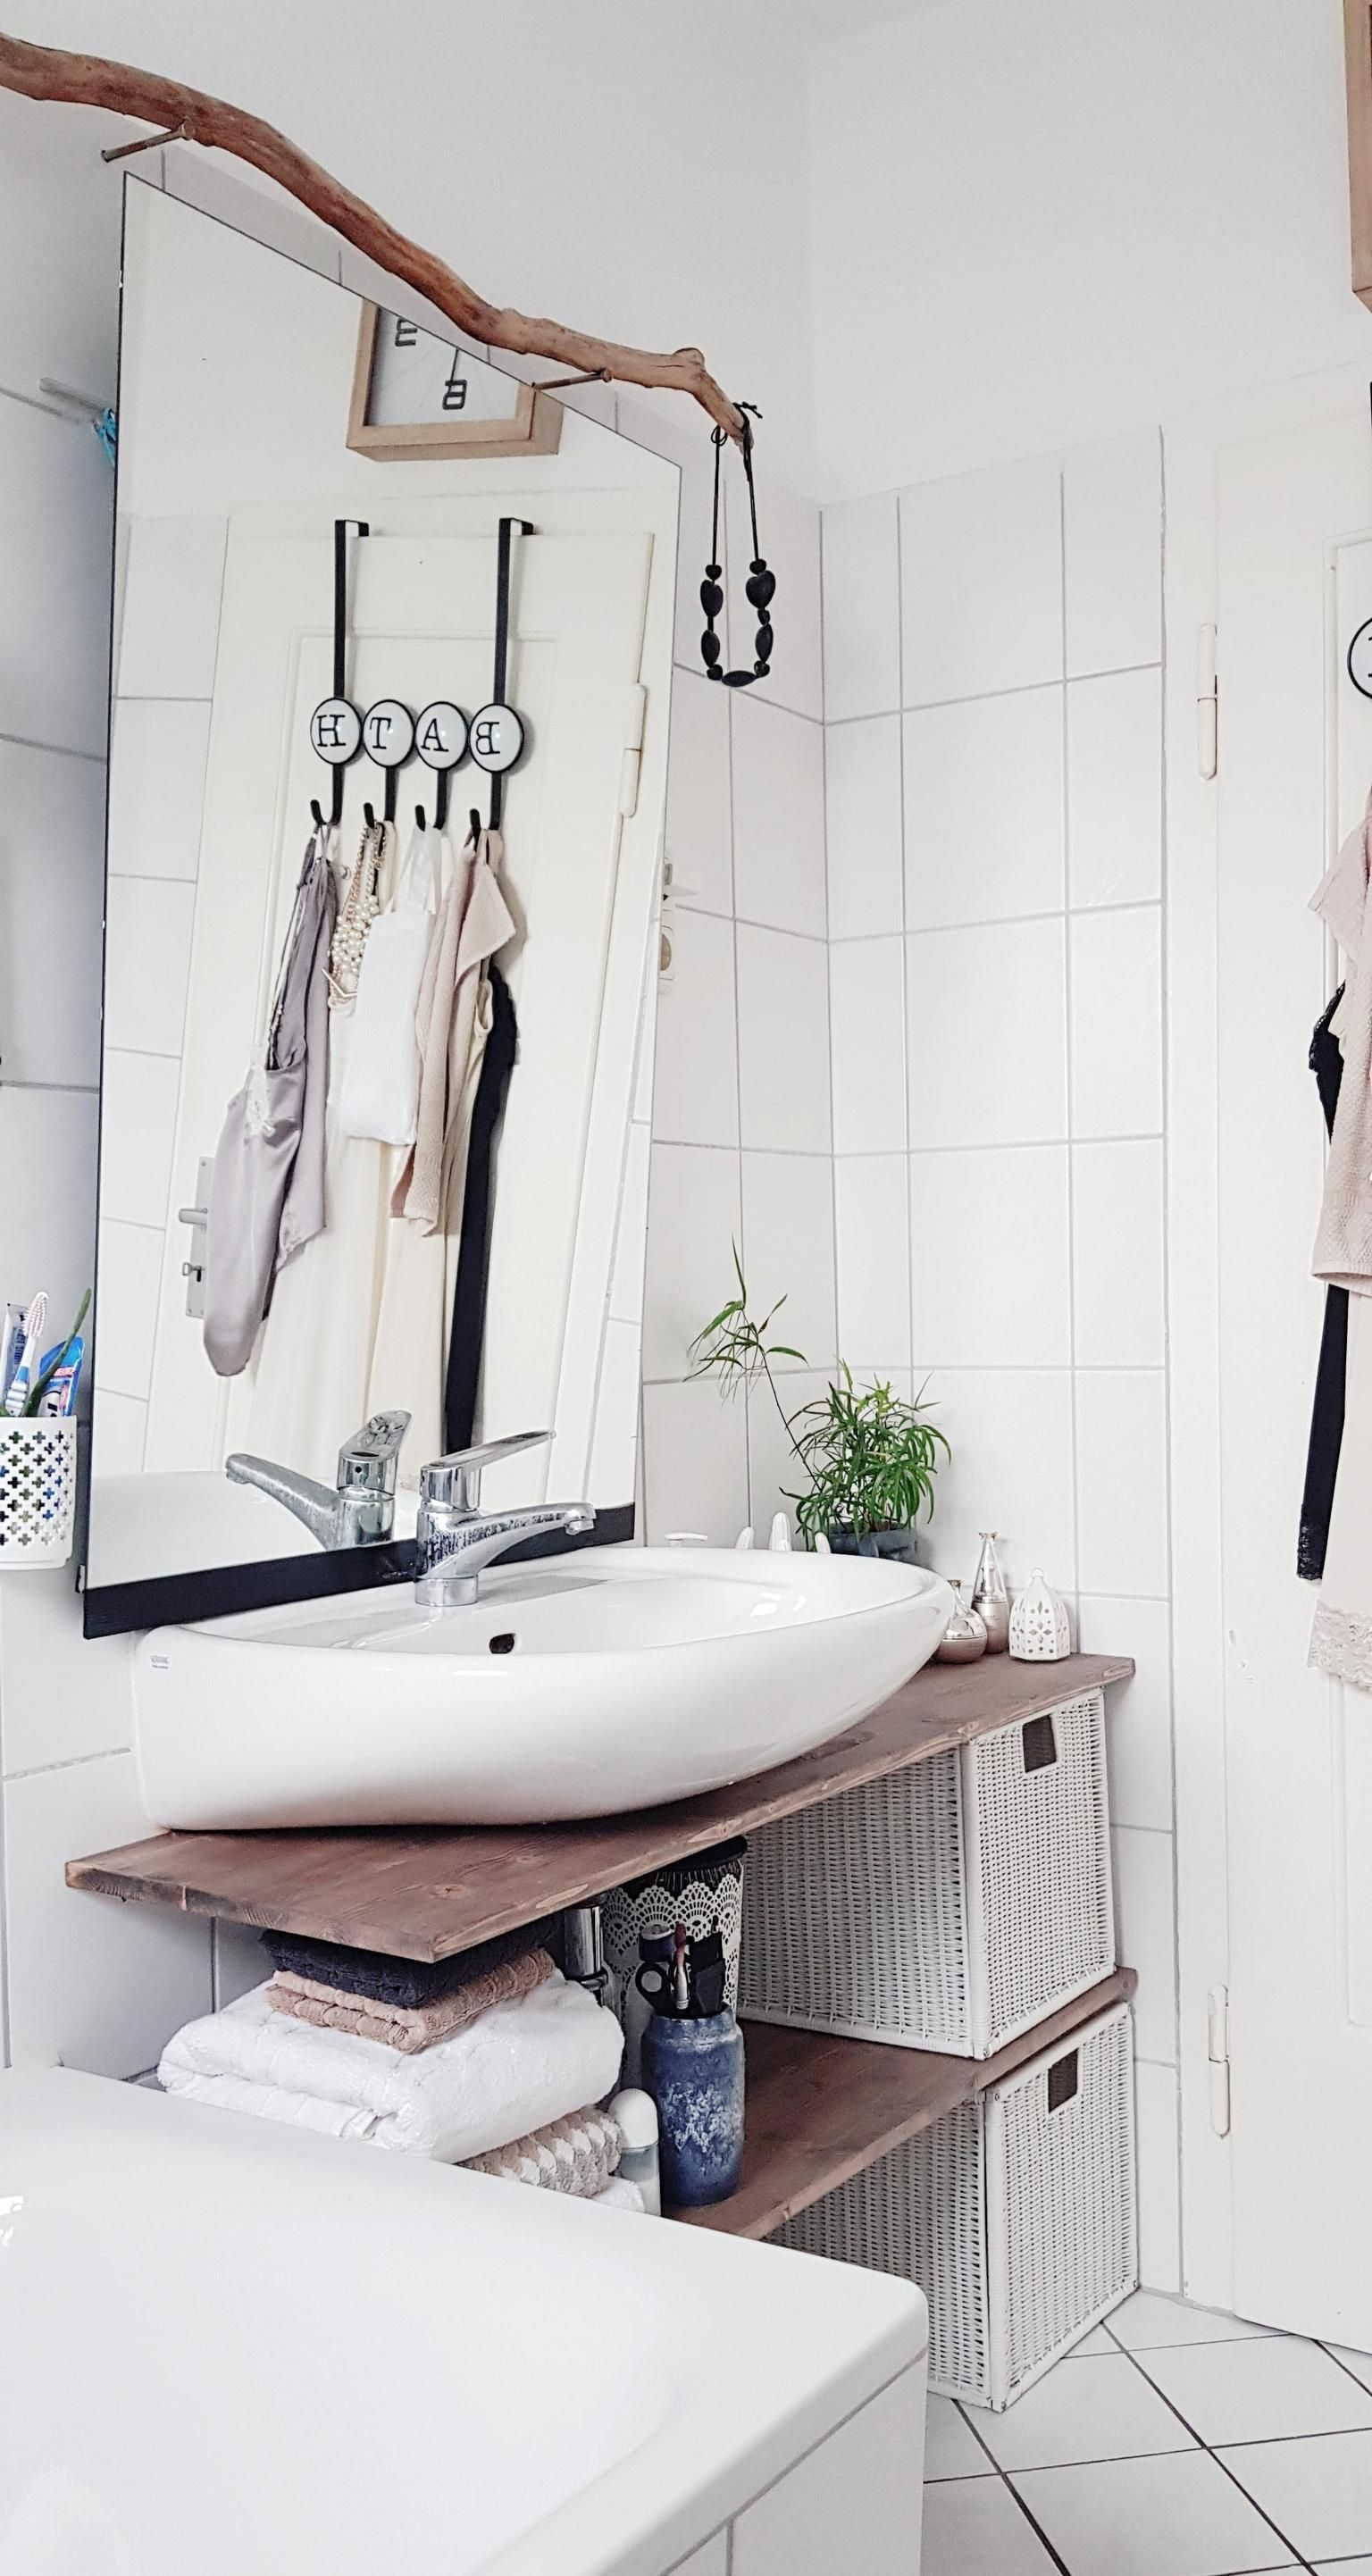 Kleinraum Minibad Badezimmer Diy Regal Badezimmer Gunstig Diy Regal Und Mini Bad